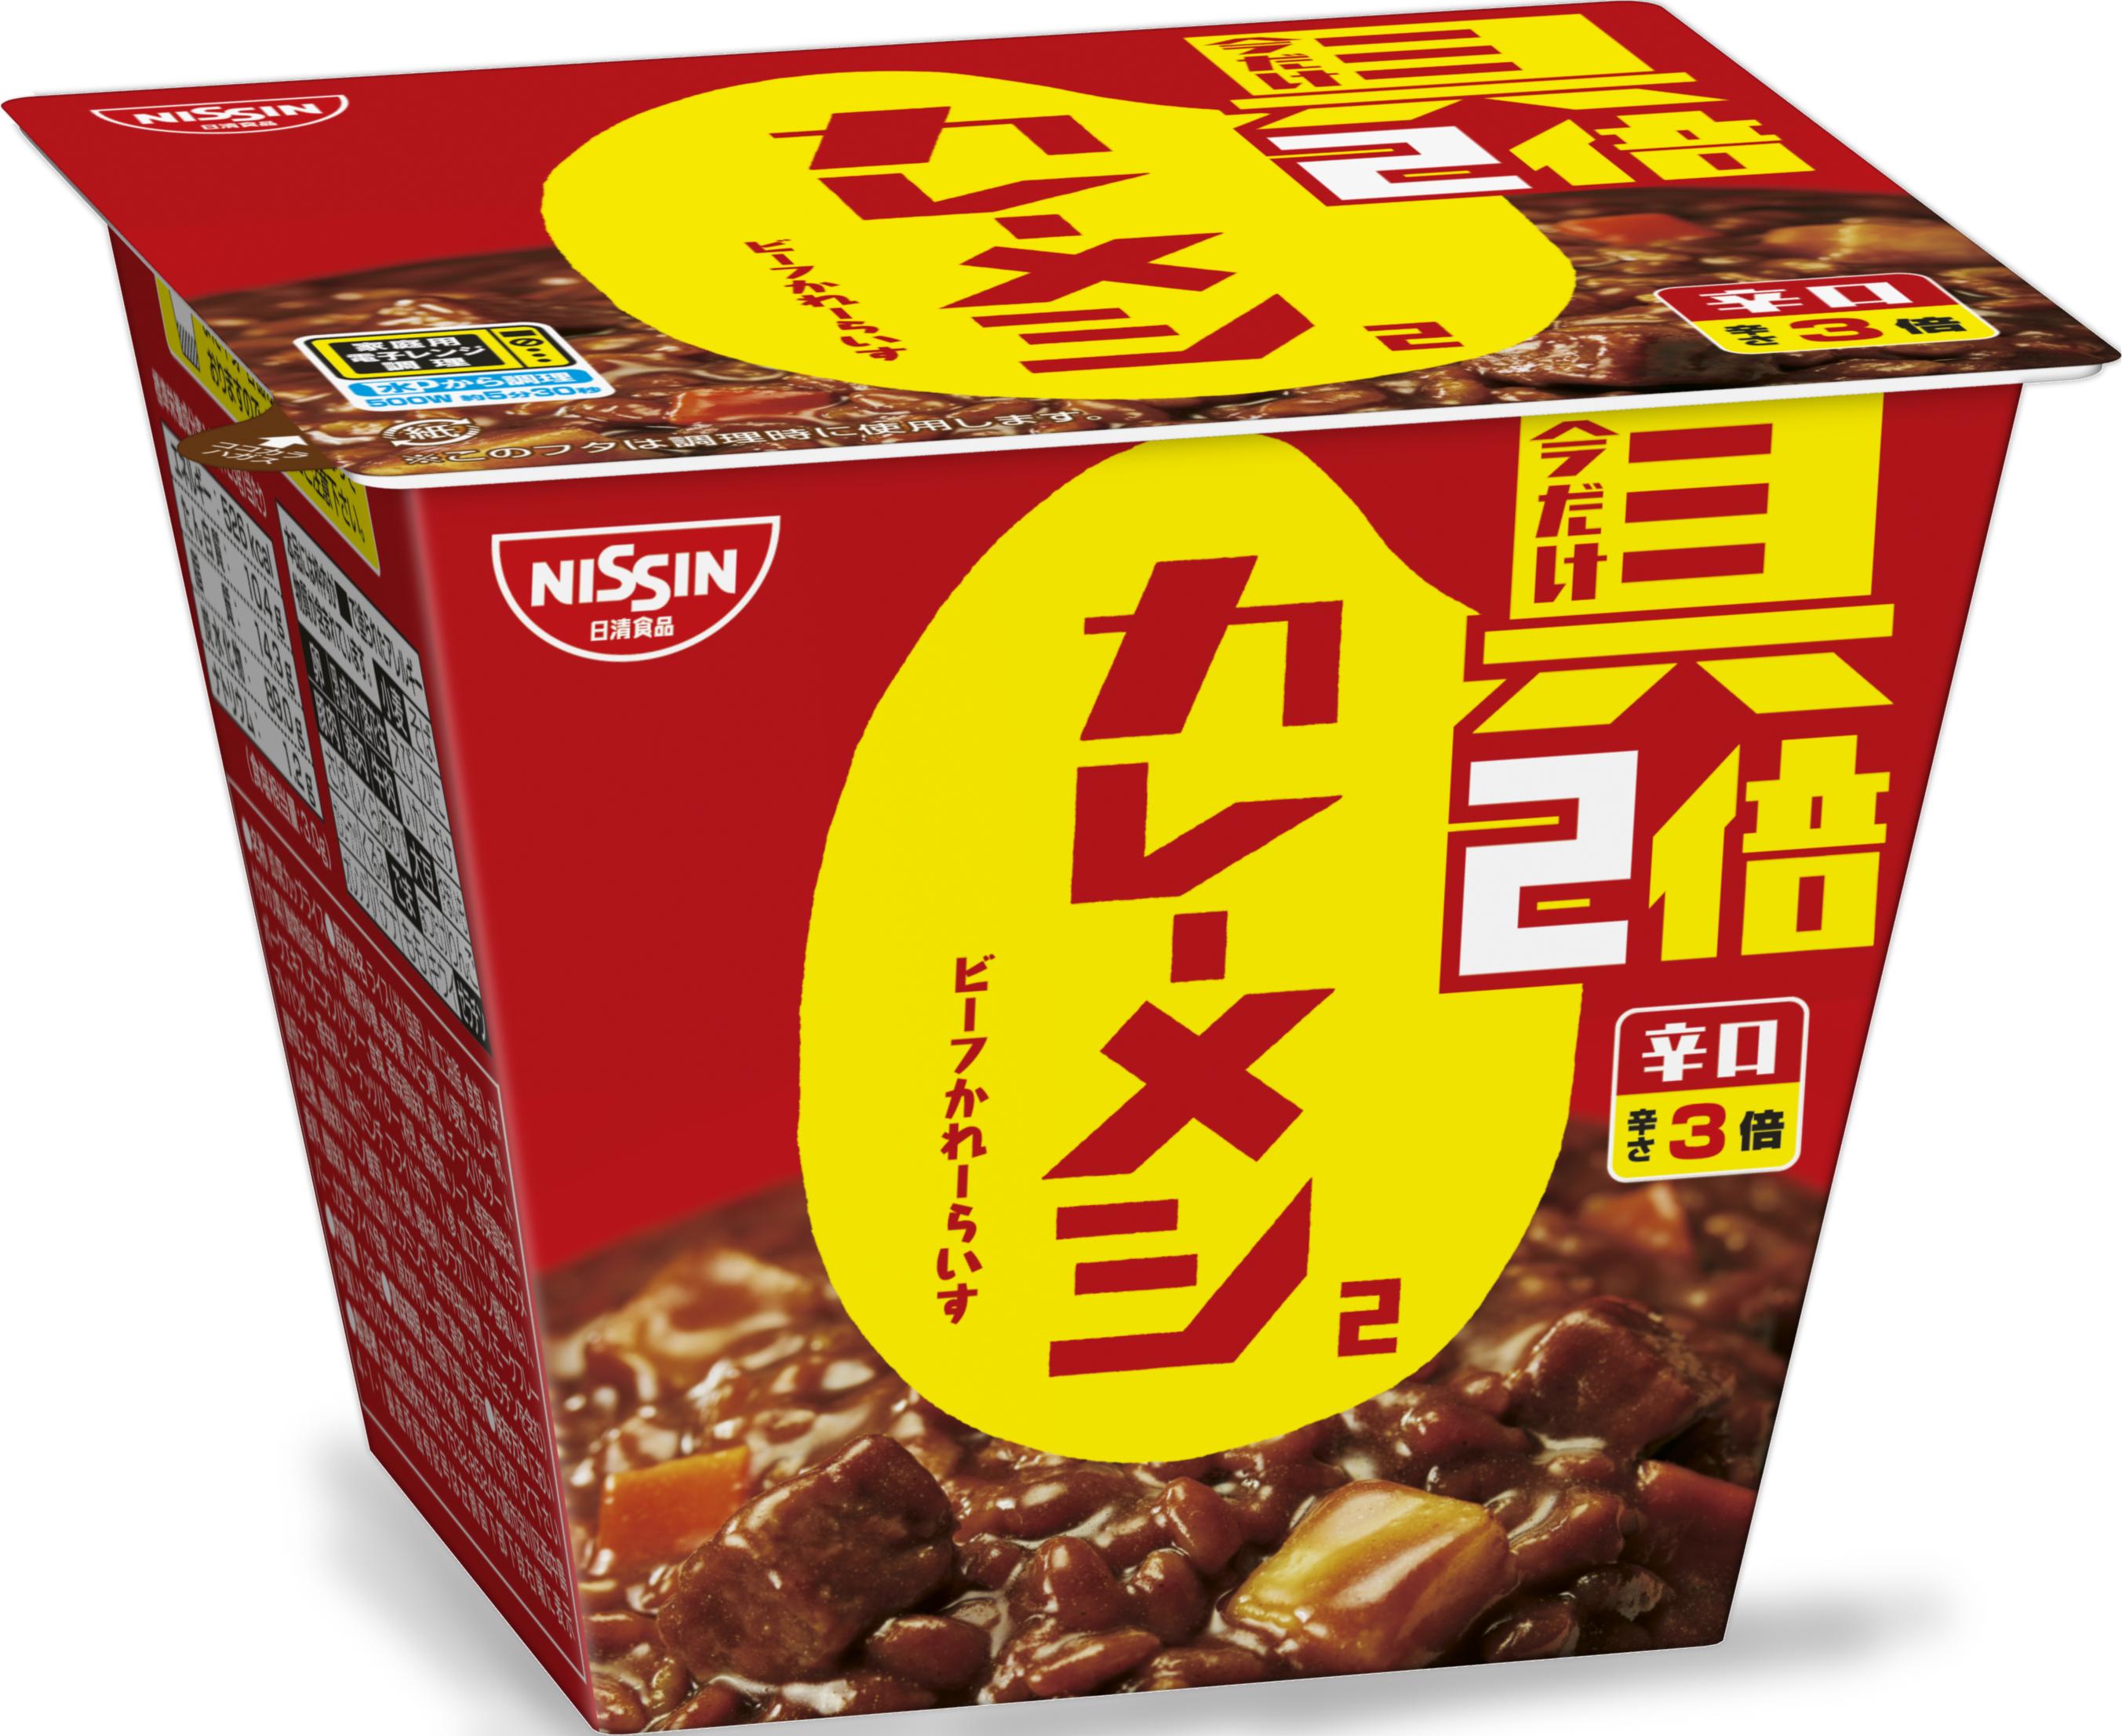 「日清カレーメシ2」 シリーズ4品が2016年3月7日(月)から具材増量キャンペーン実施!!